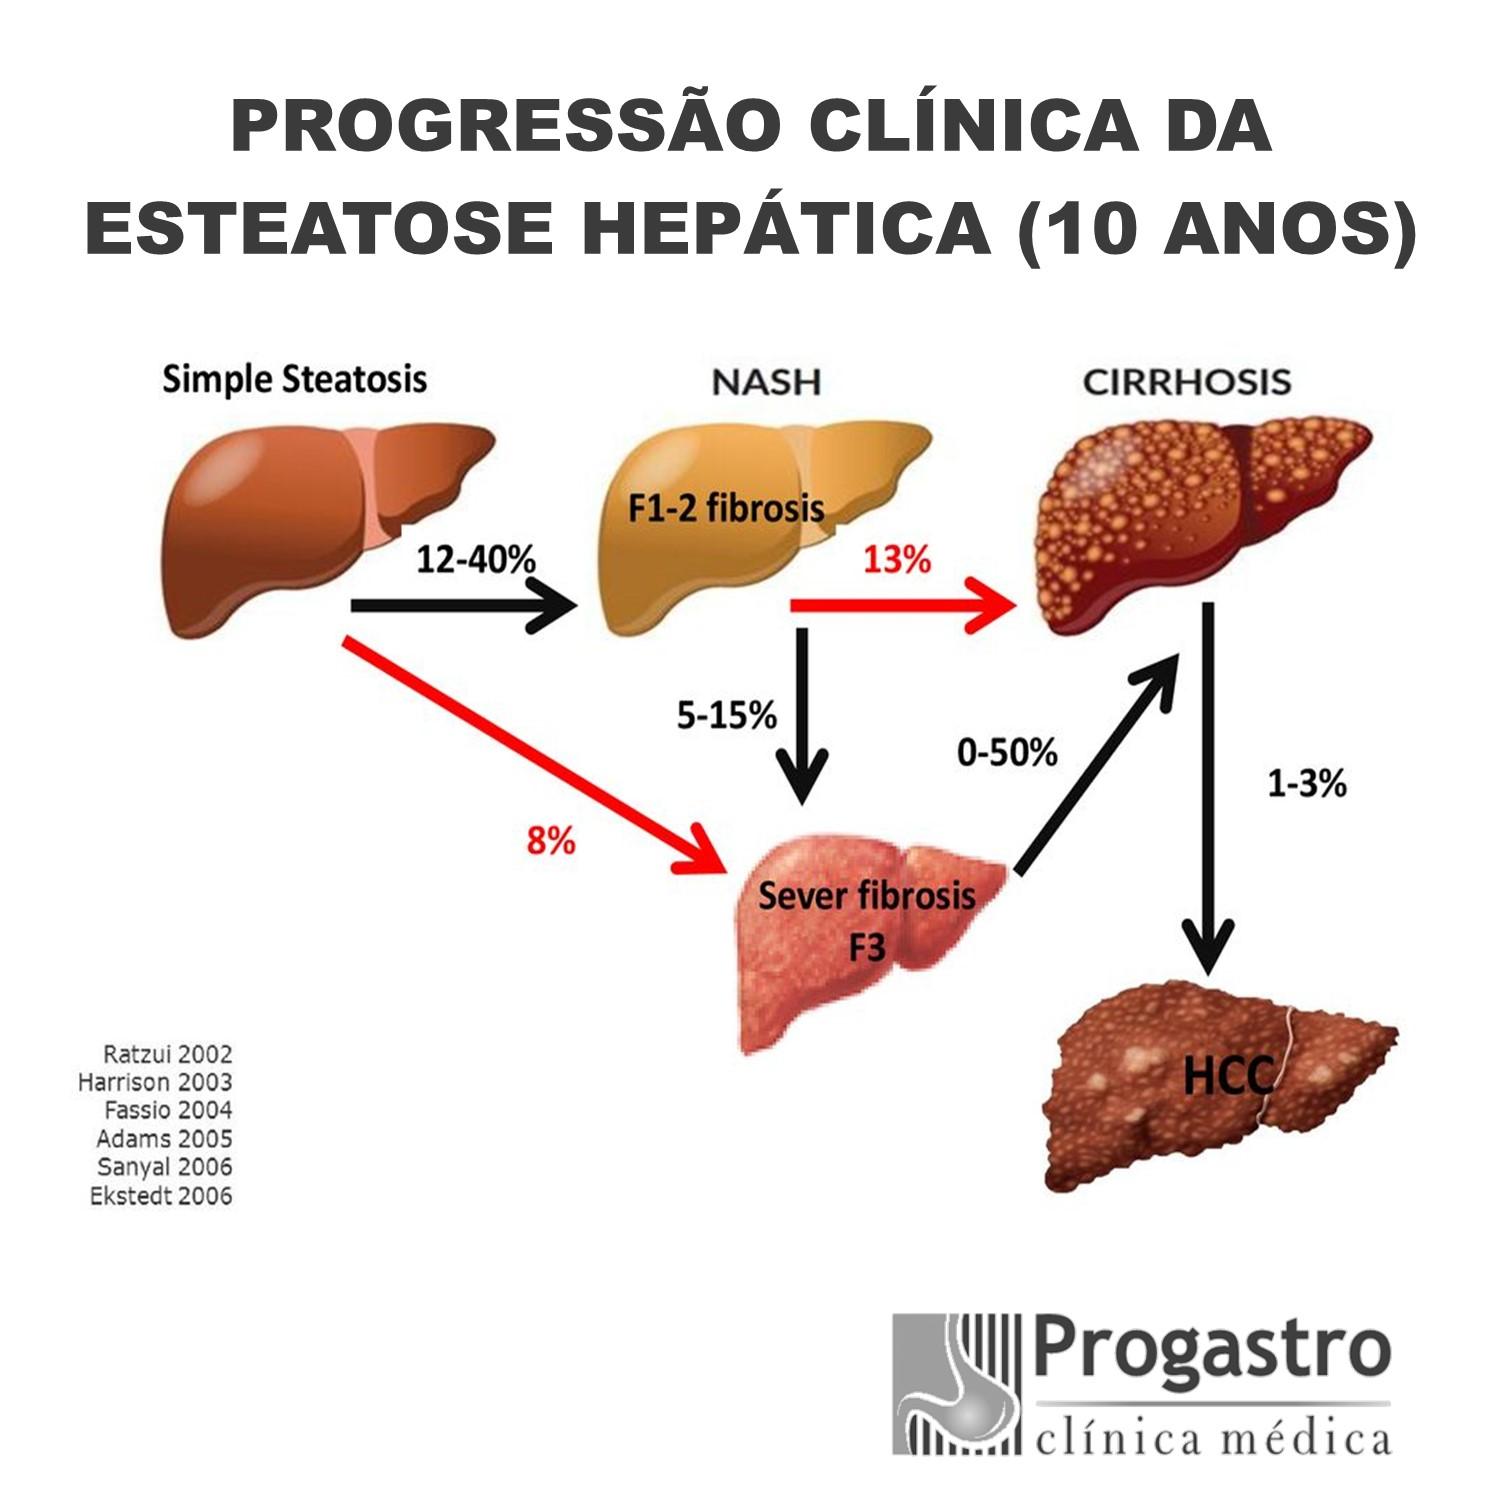 Esteatose_Hepática_Progressão